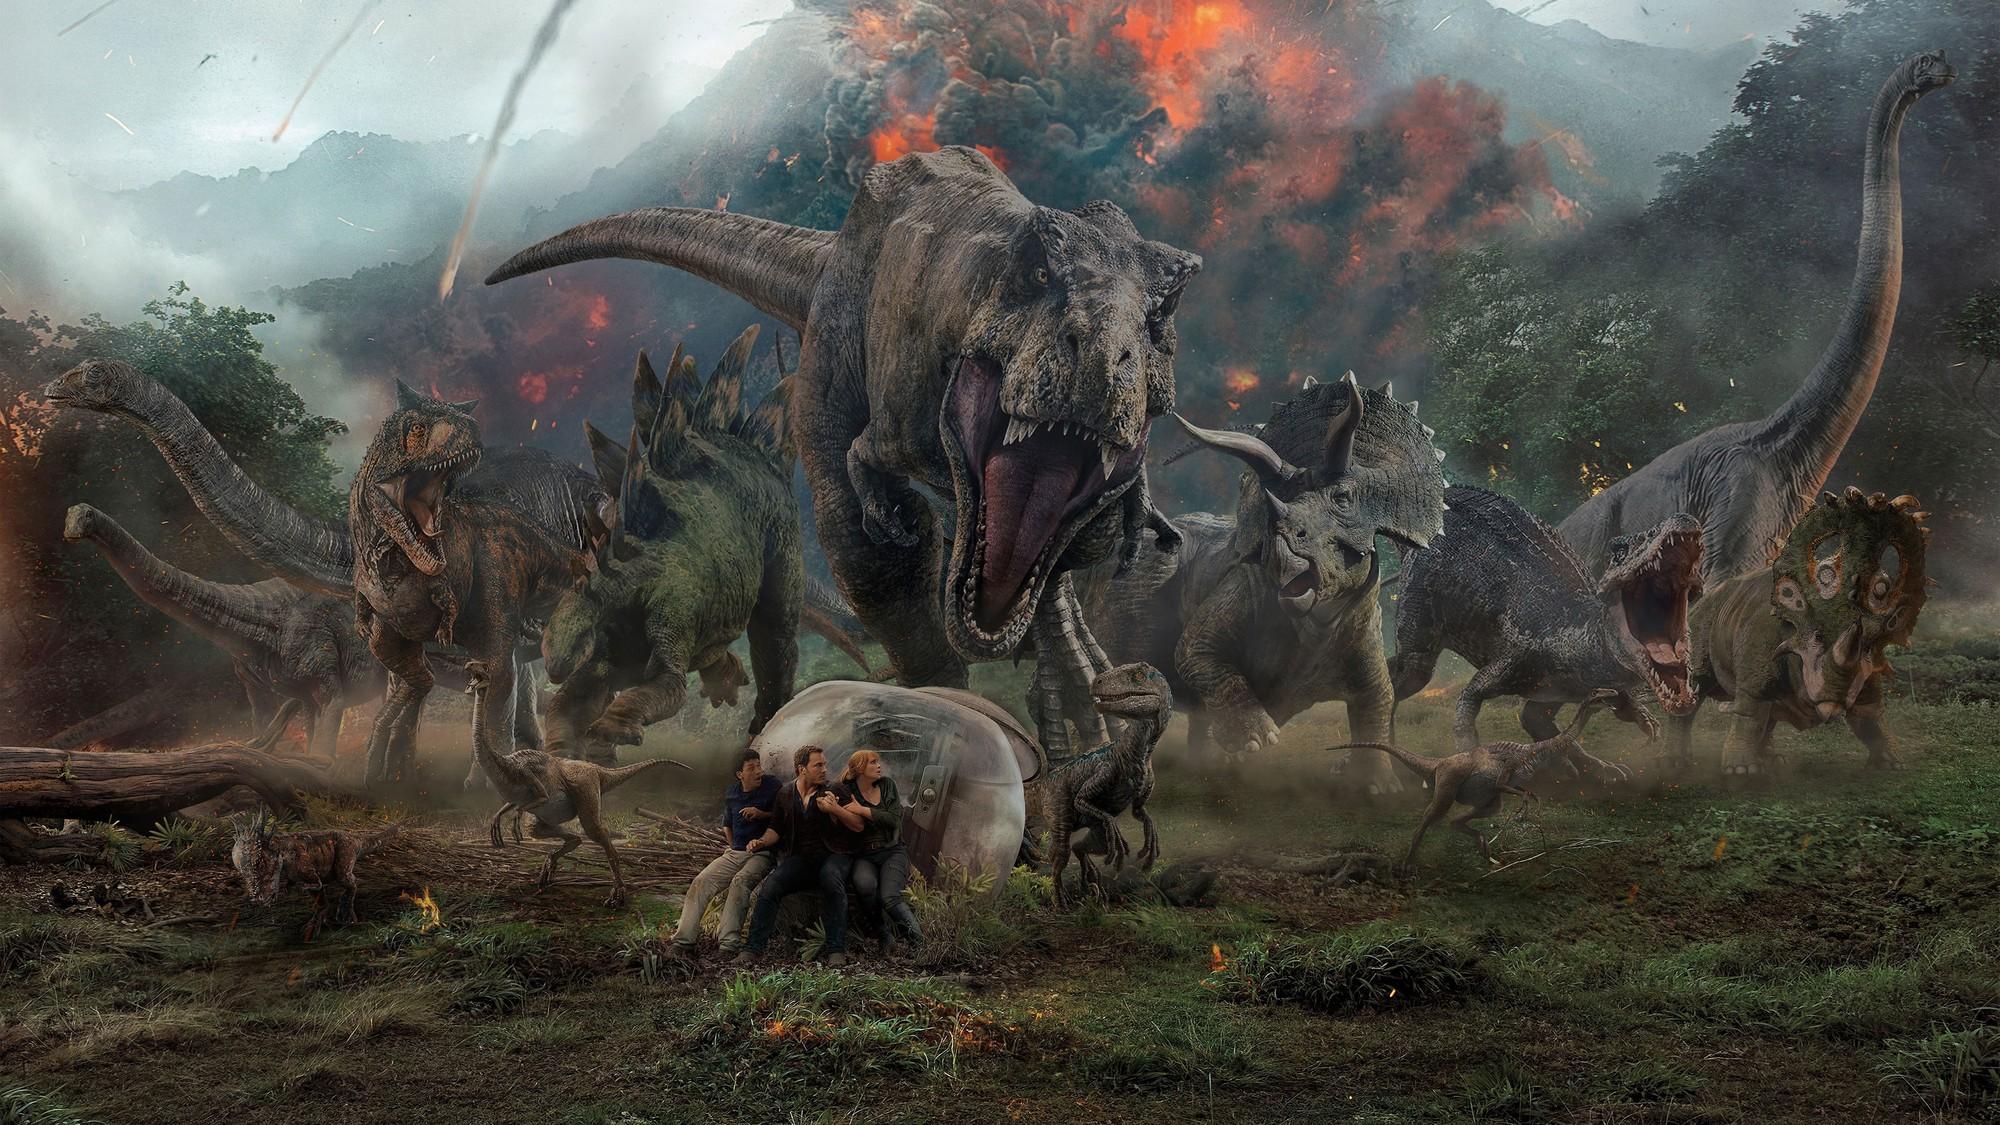 """""""Jurassic World: Fallen Kingdom"""" – Nỗ lực vắt sữa một tượng đài điện ảnh của Universal - Ảnh 1."""